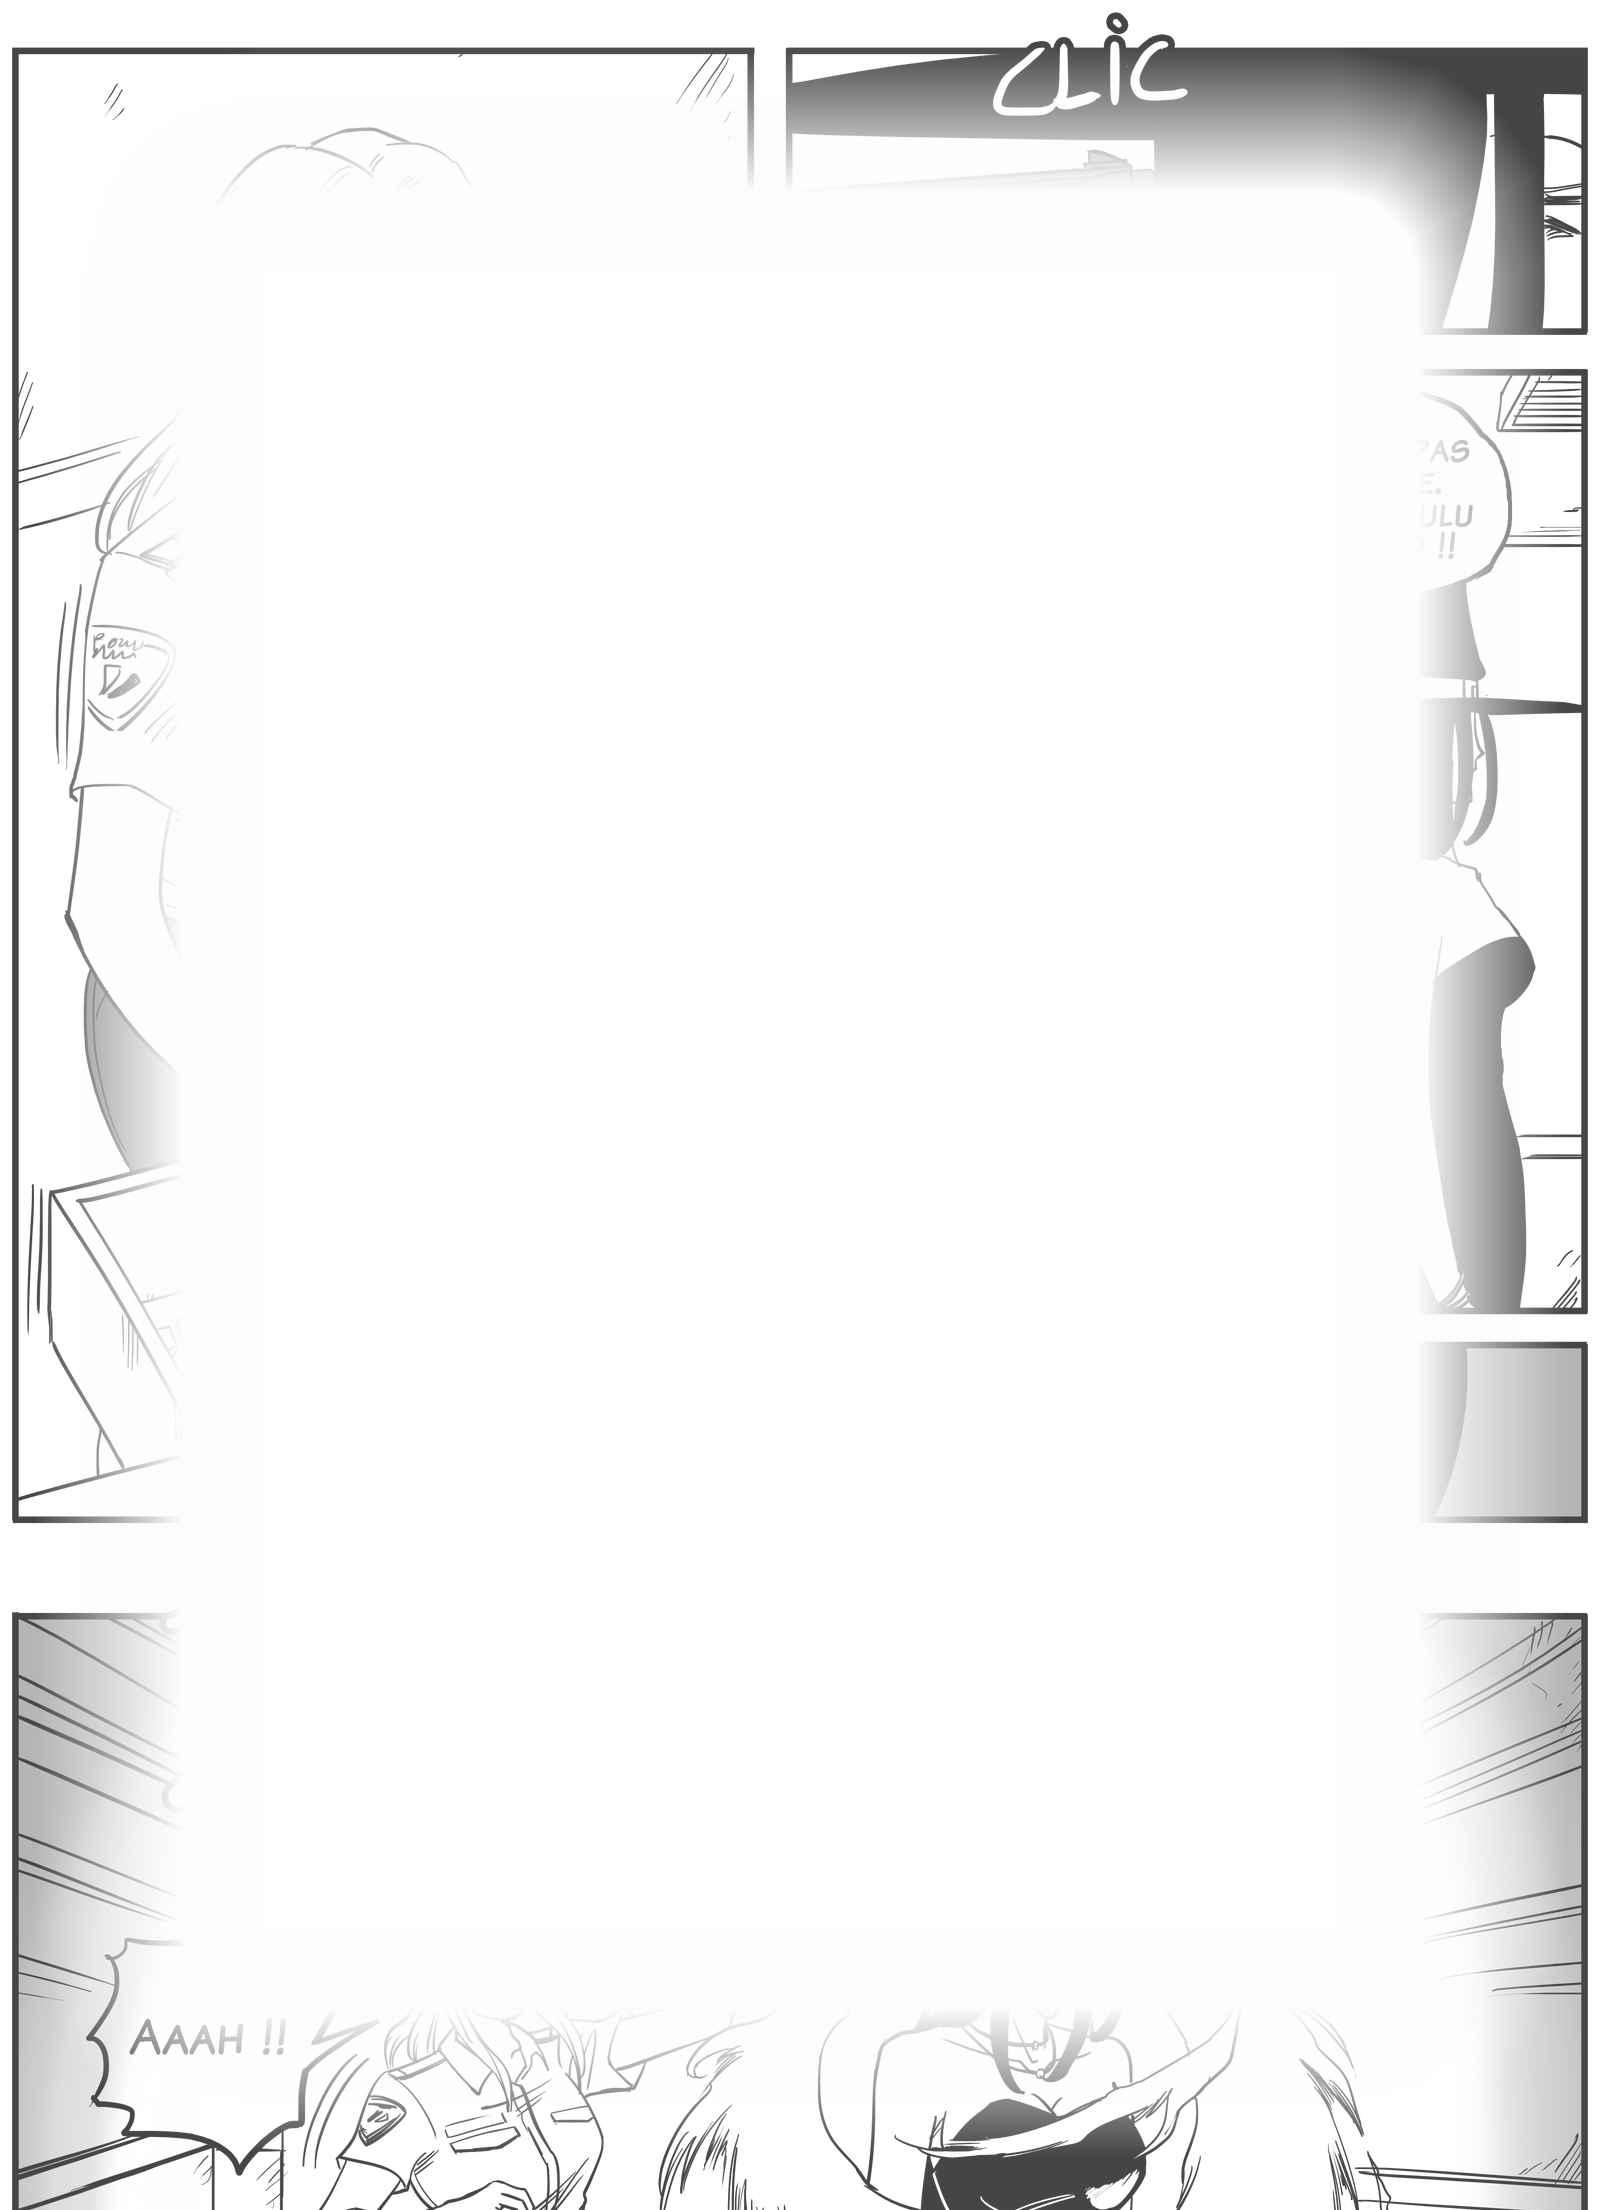 Hémisphères : Chapitre 16 page 7